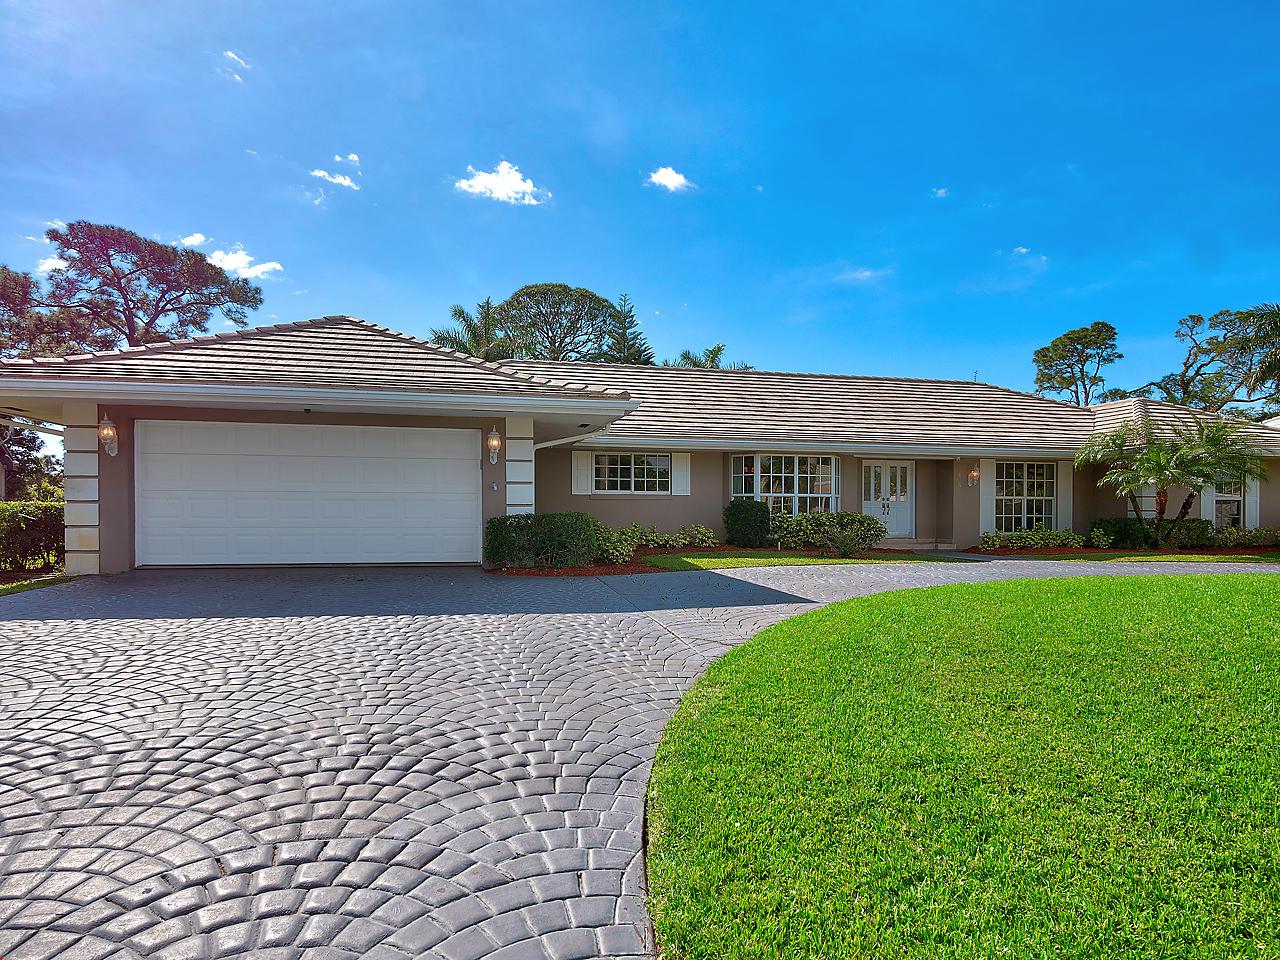 405 Muirfield, Atlantis, Florida 33462